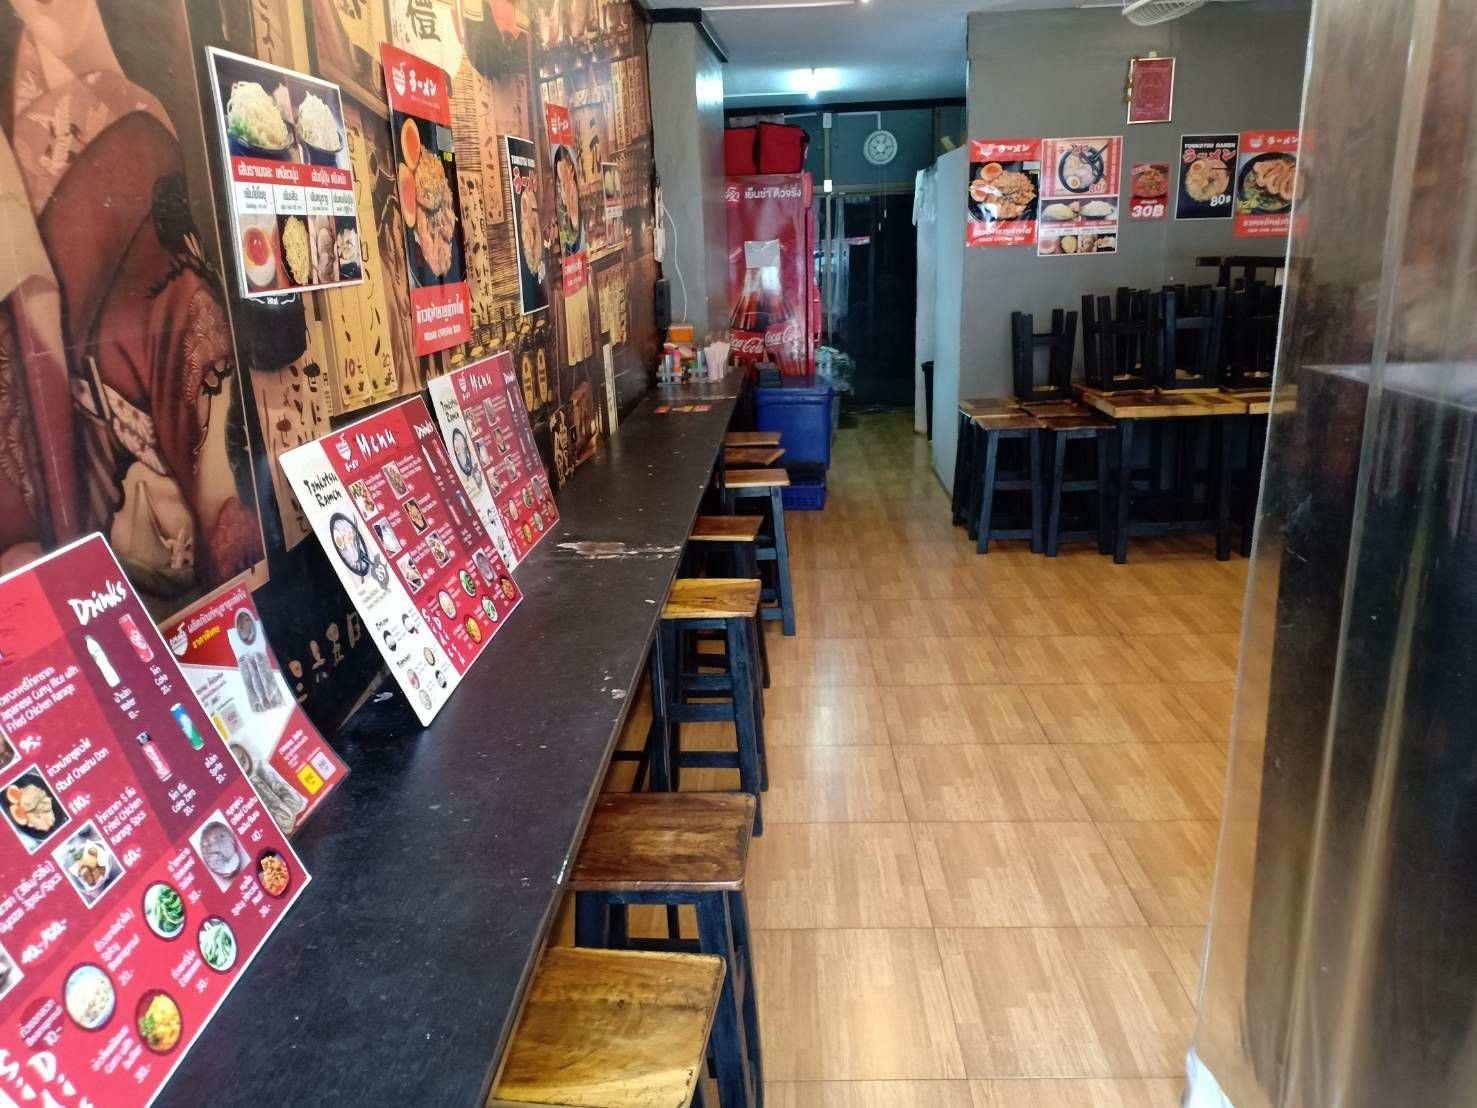 ภาพเซ้ง!! ร้านอาหาร ชั้นล่างคอนโด @ถ.ประชาสงเคราะห์ ดินแดง กรุงเทพ